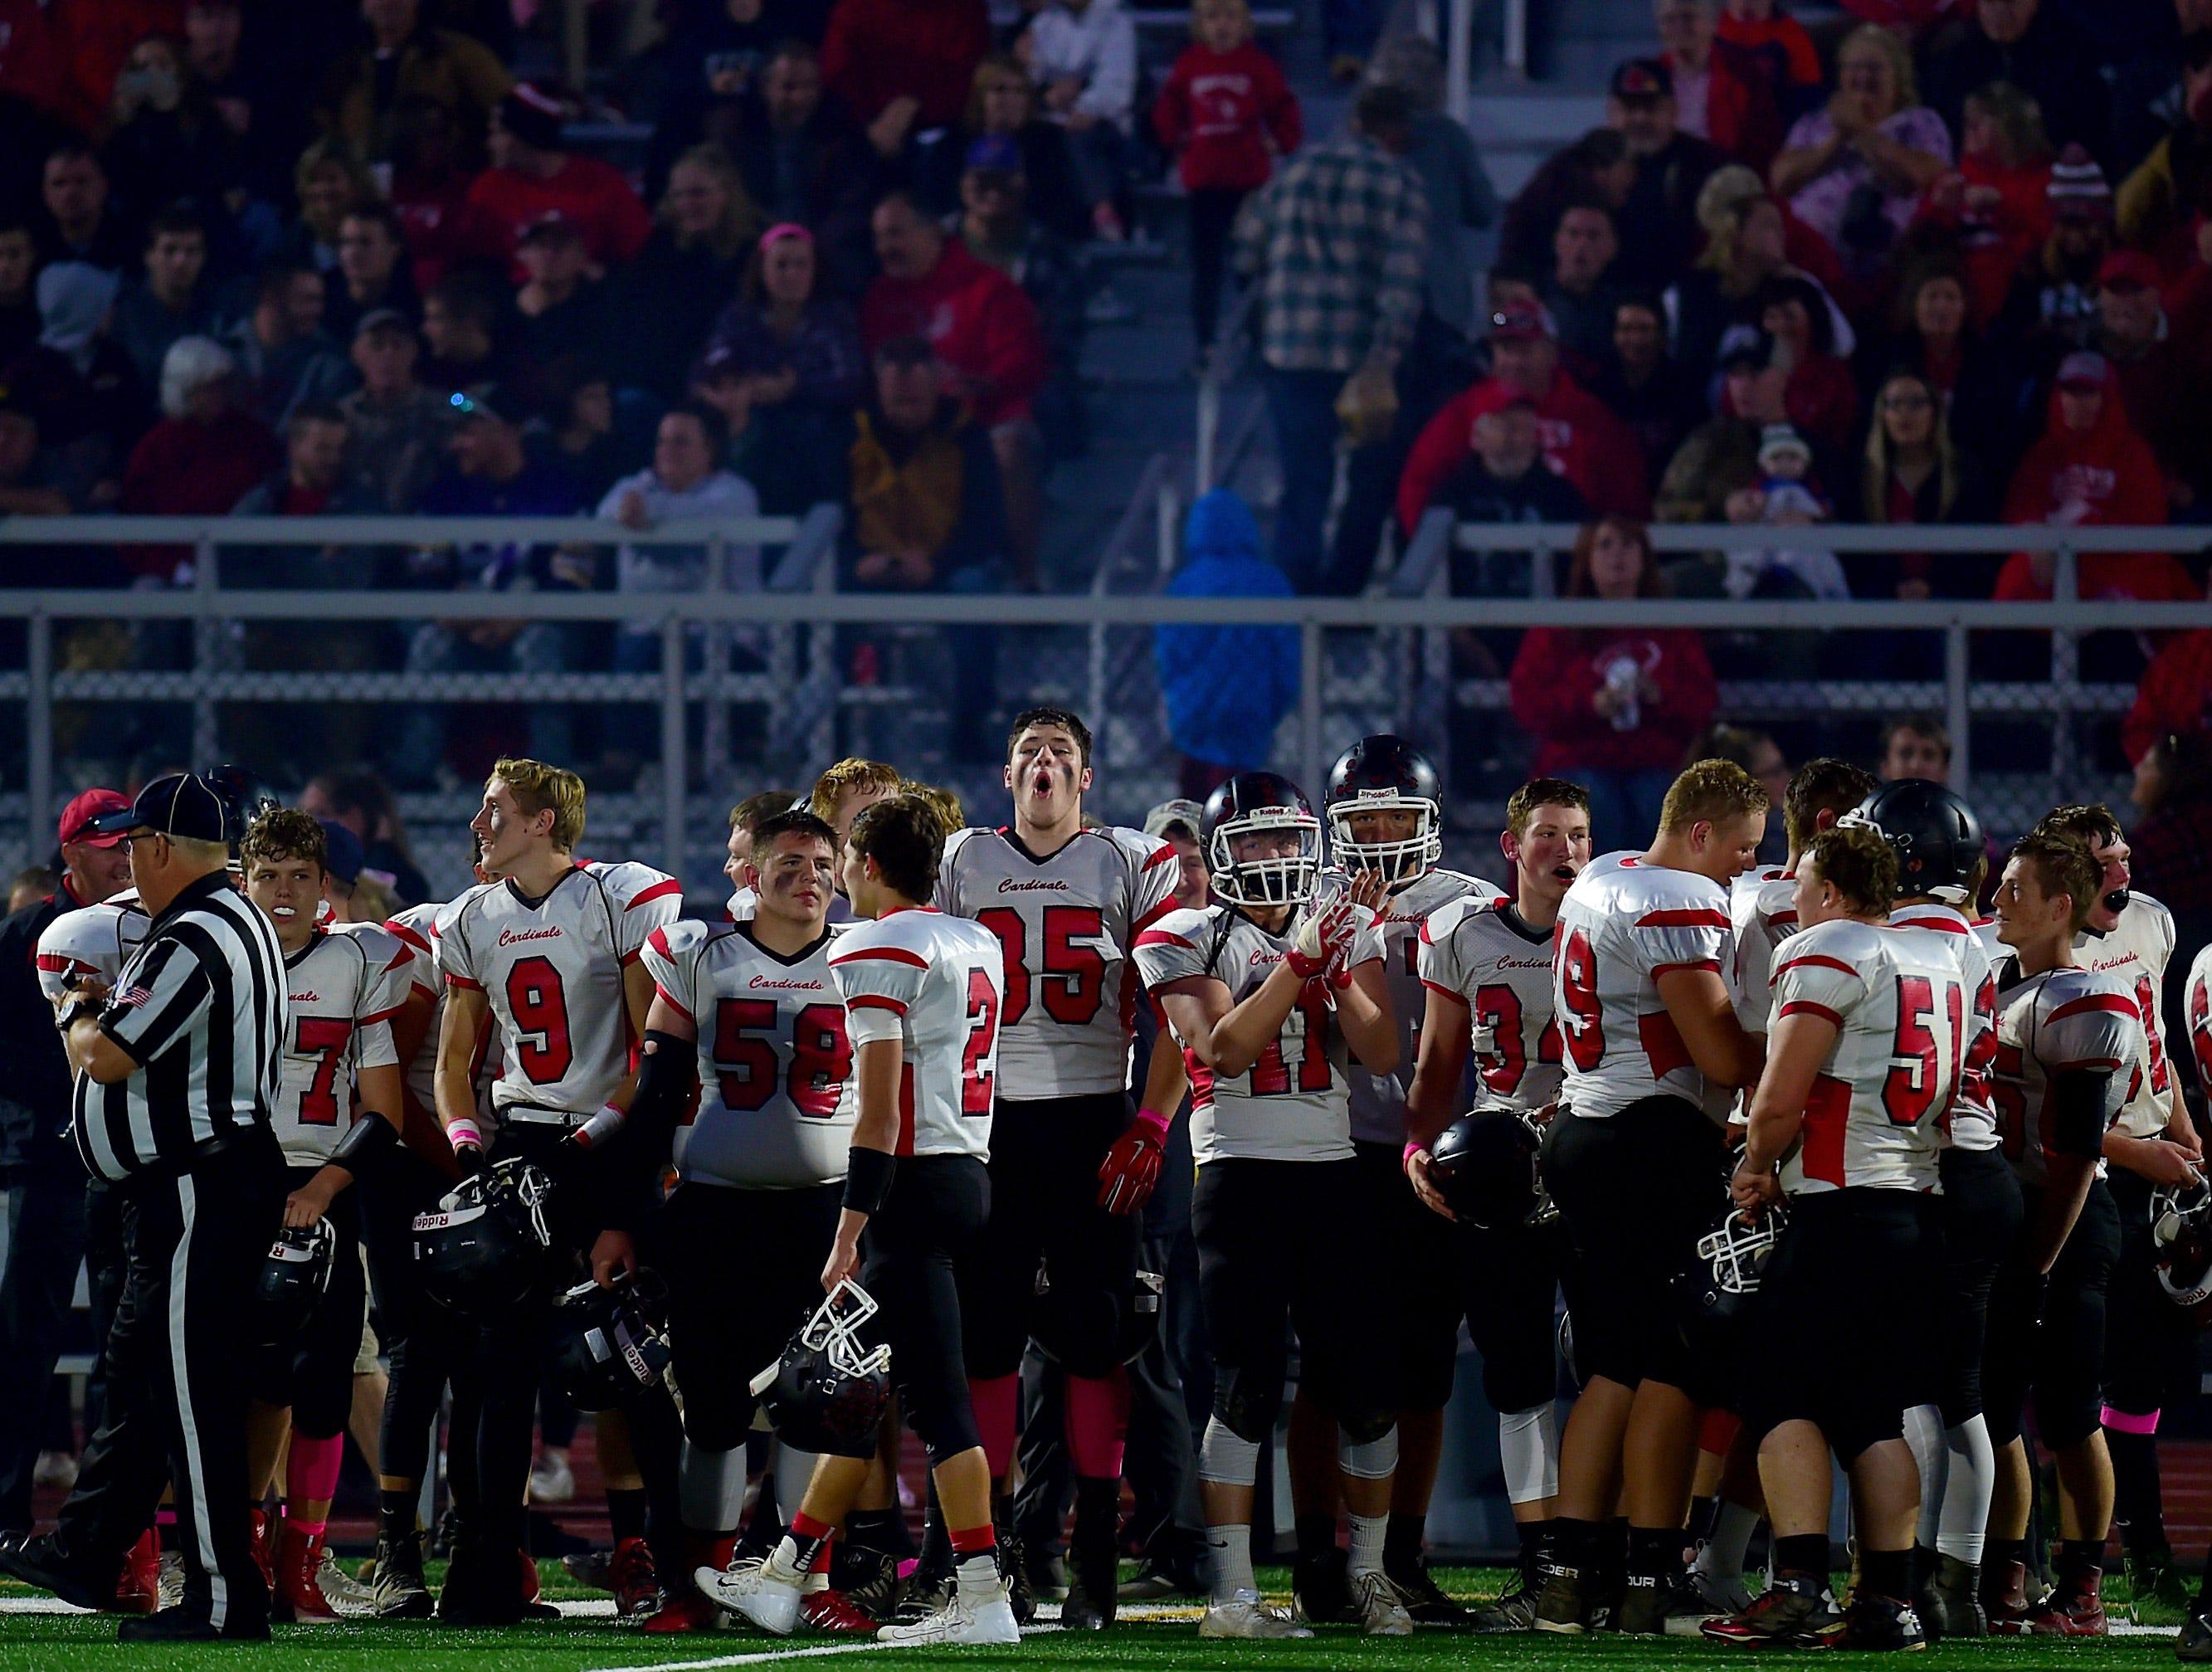 Newark Valley at Susquehanna Valley football, October 5, 2018.